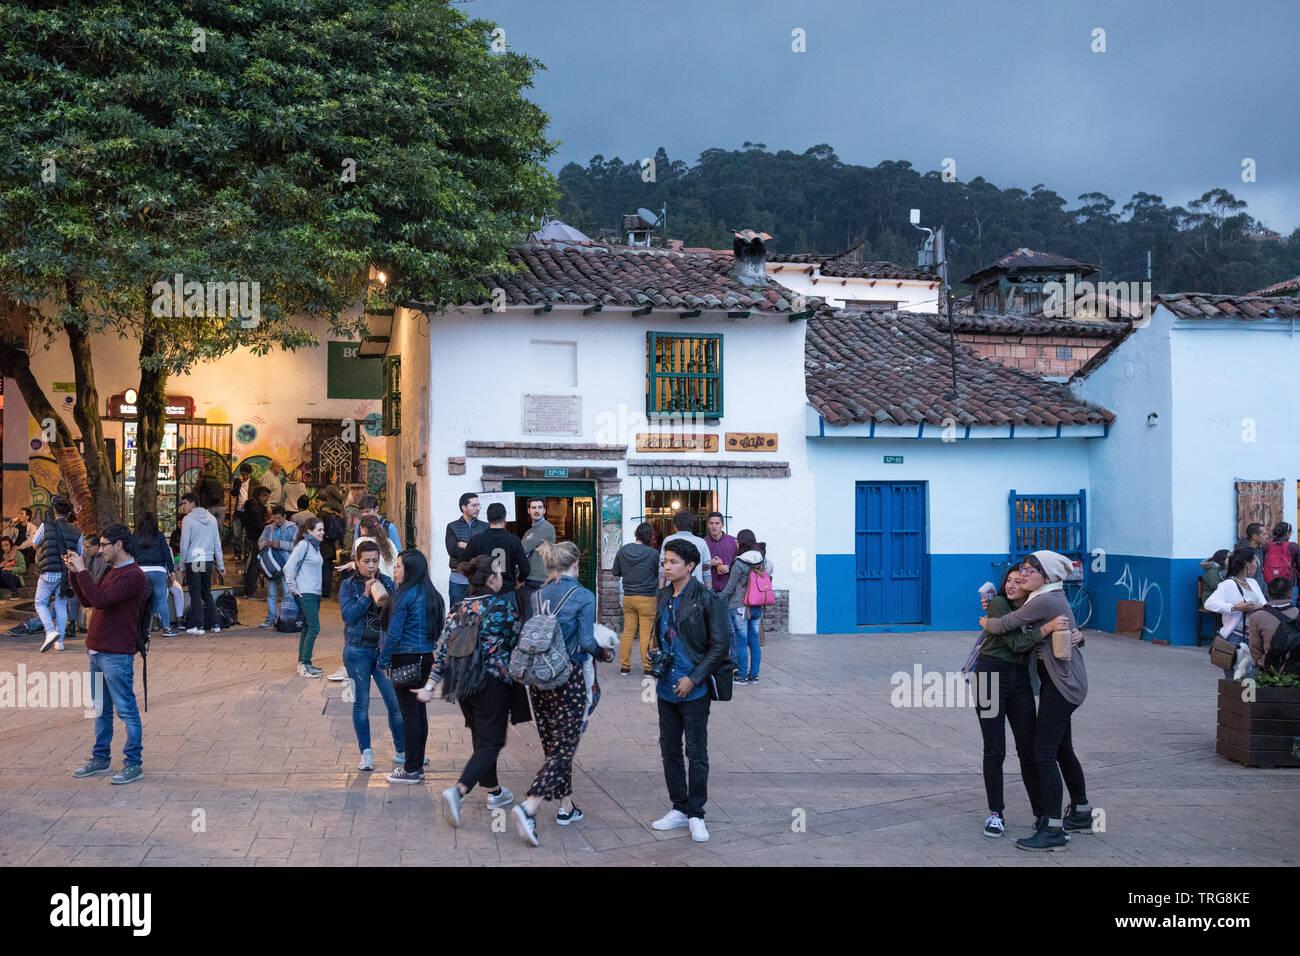 Plazoleta Chorro de Quevedo, au crépuscule, La Candelaria, Bogota, Colombie Banque D'Images